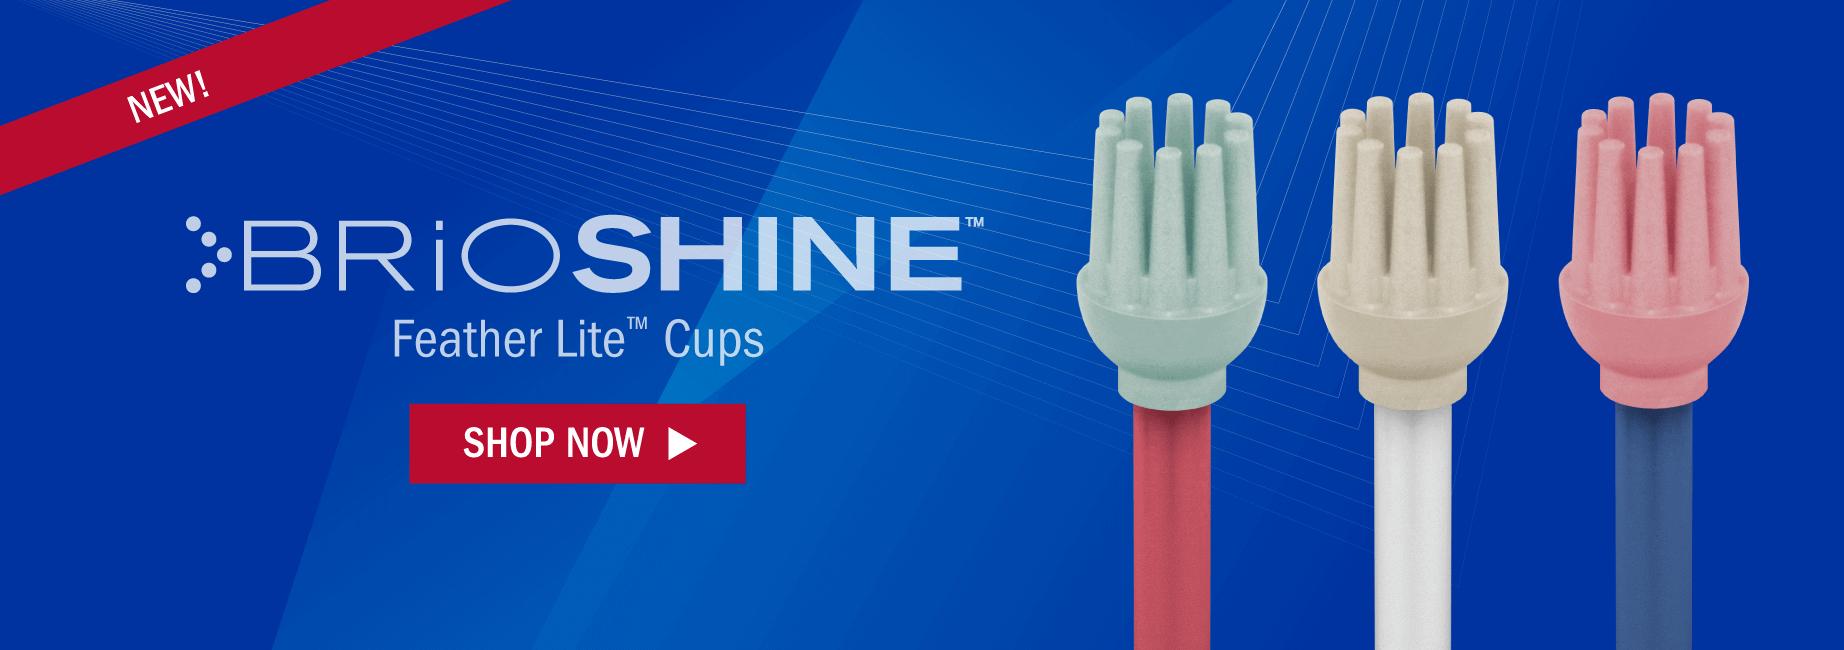 New! BrioShine Sterile Feather Lite Cups